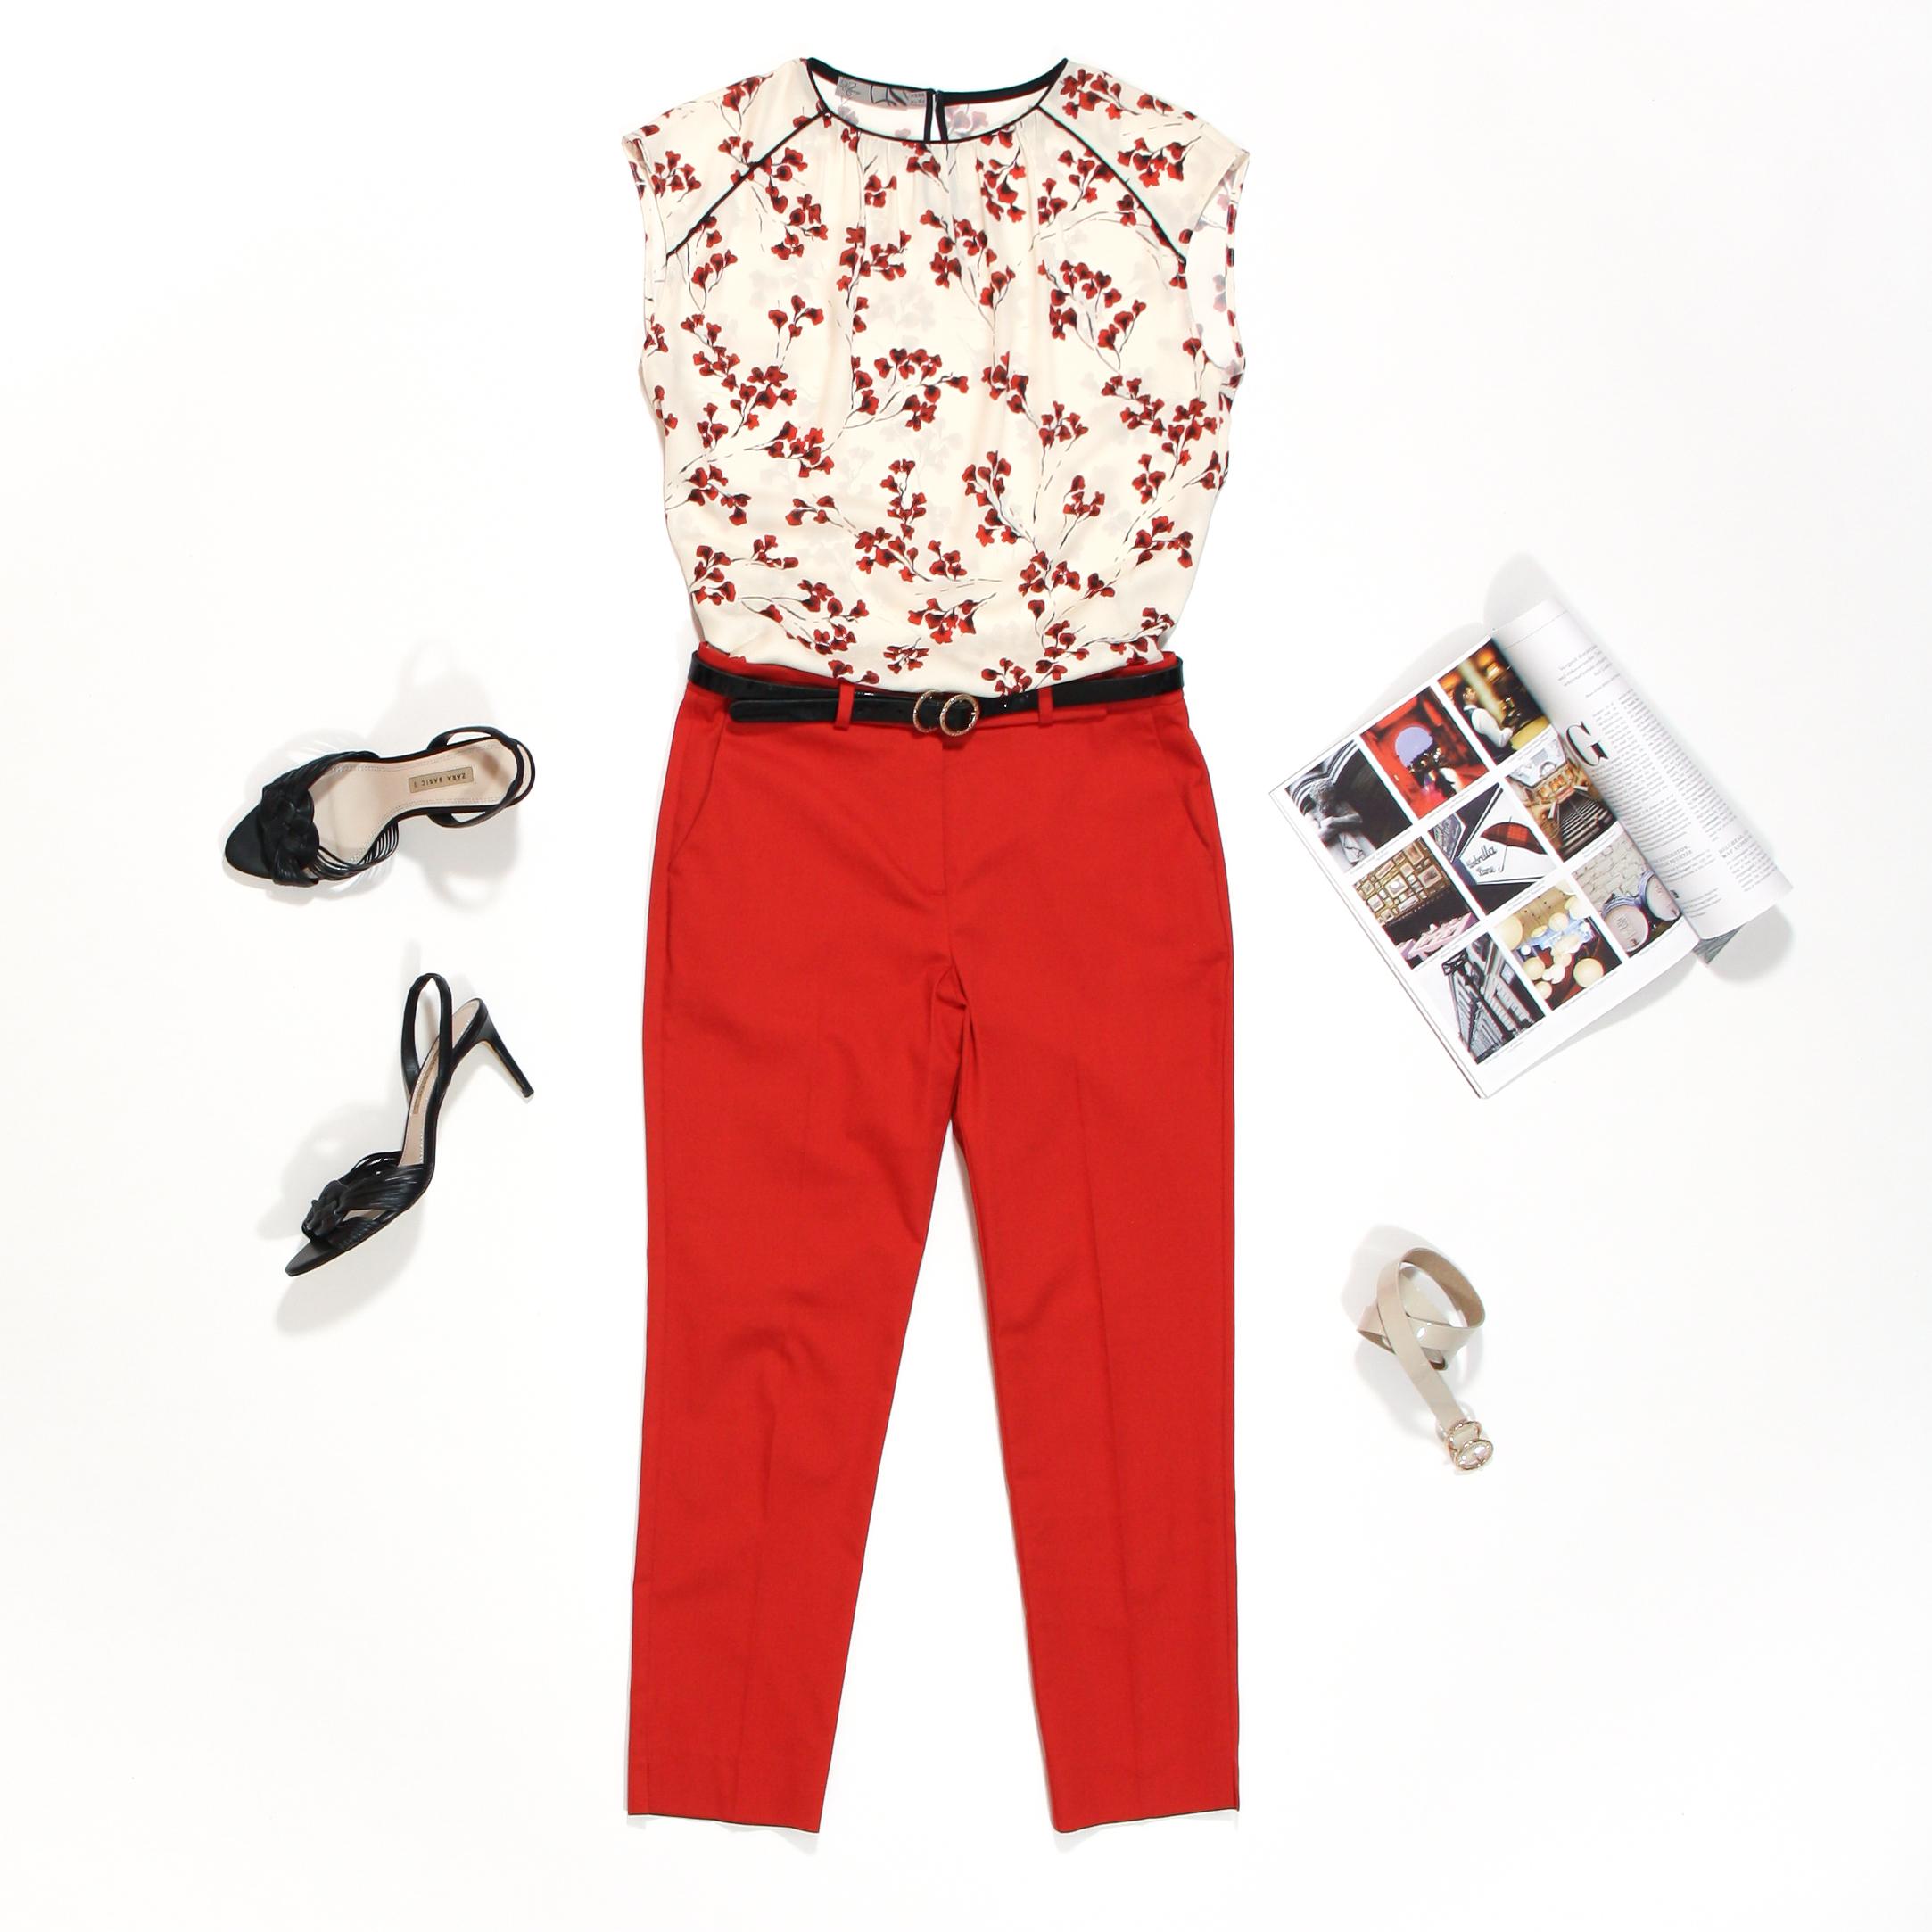 rode geklede broek en top met rode bloemetjes